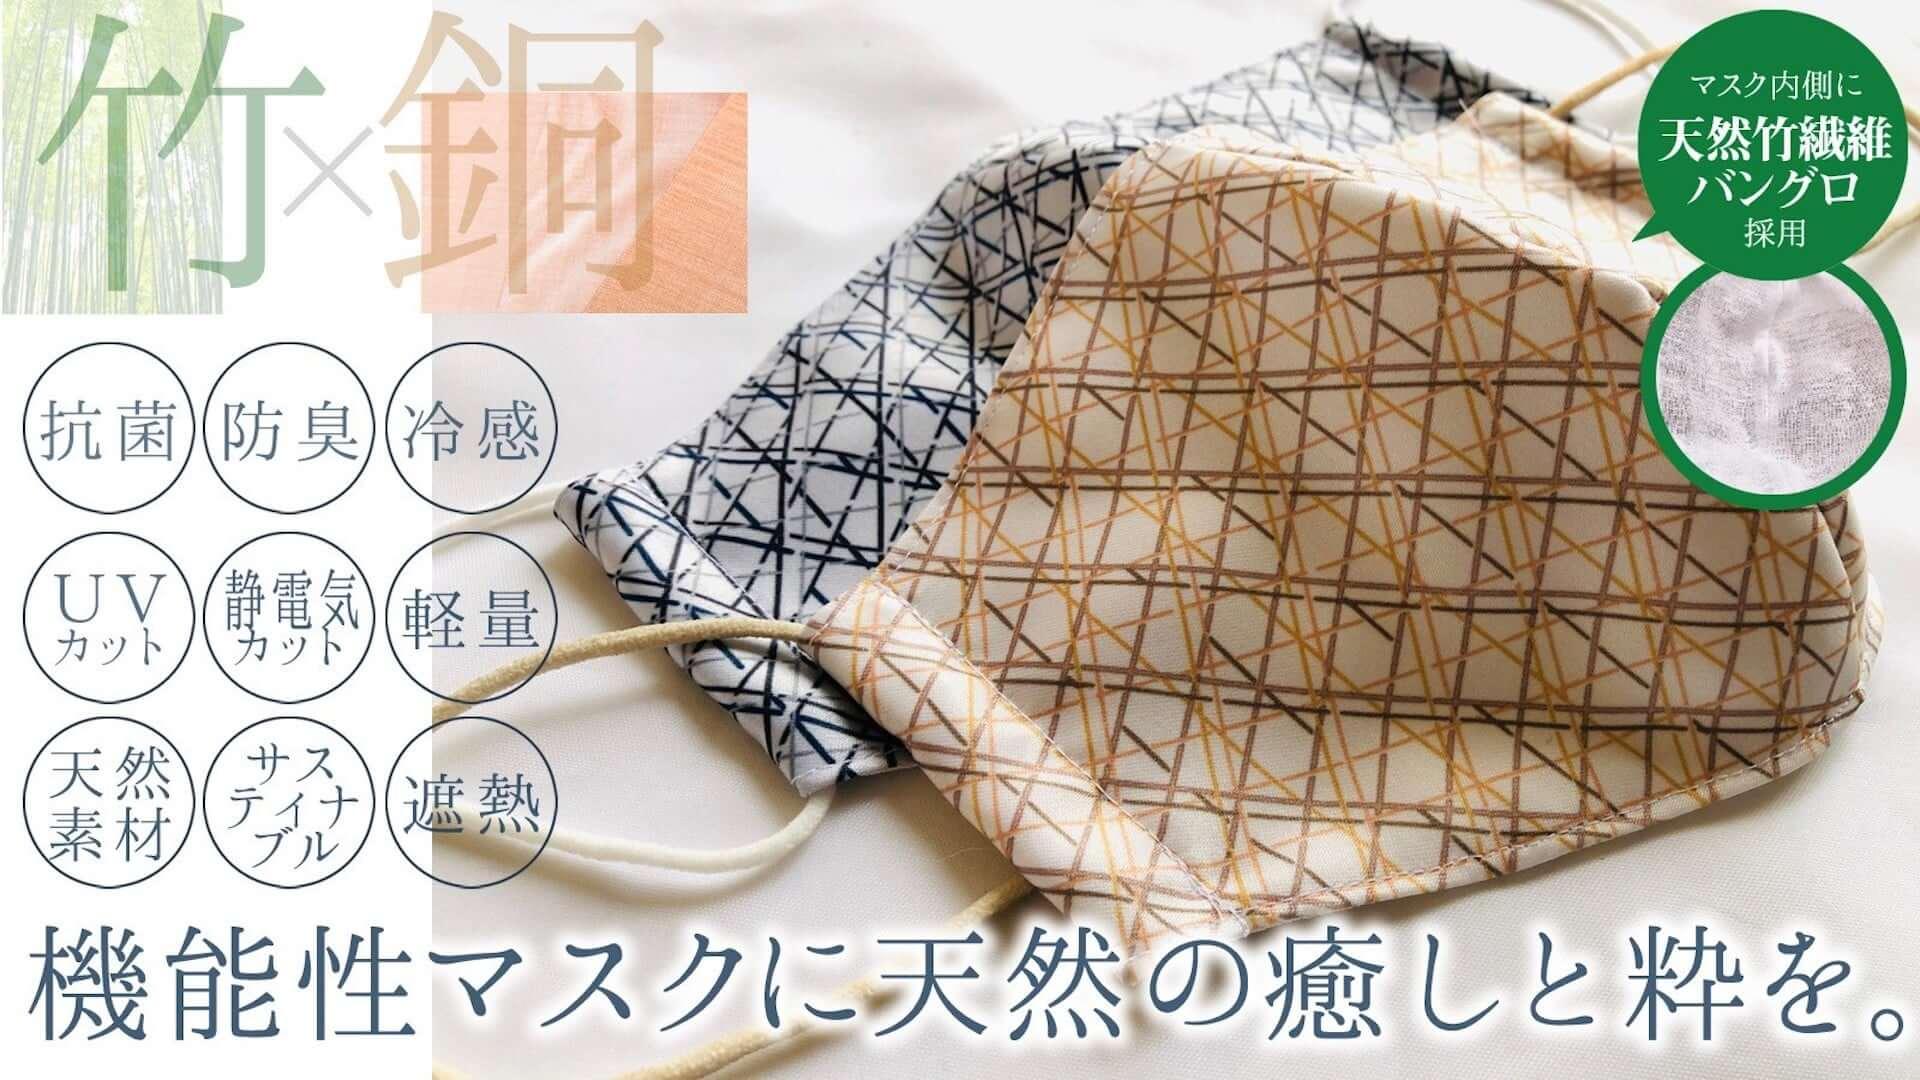 天然竹繊維糸を用いたサスティナブルな布マスク『COOL BAMBOO』がクラウドファンディング「Makuake」にて発売! lf200709_mask_coolbamboo_8-1920x1080